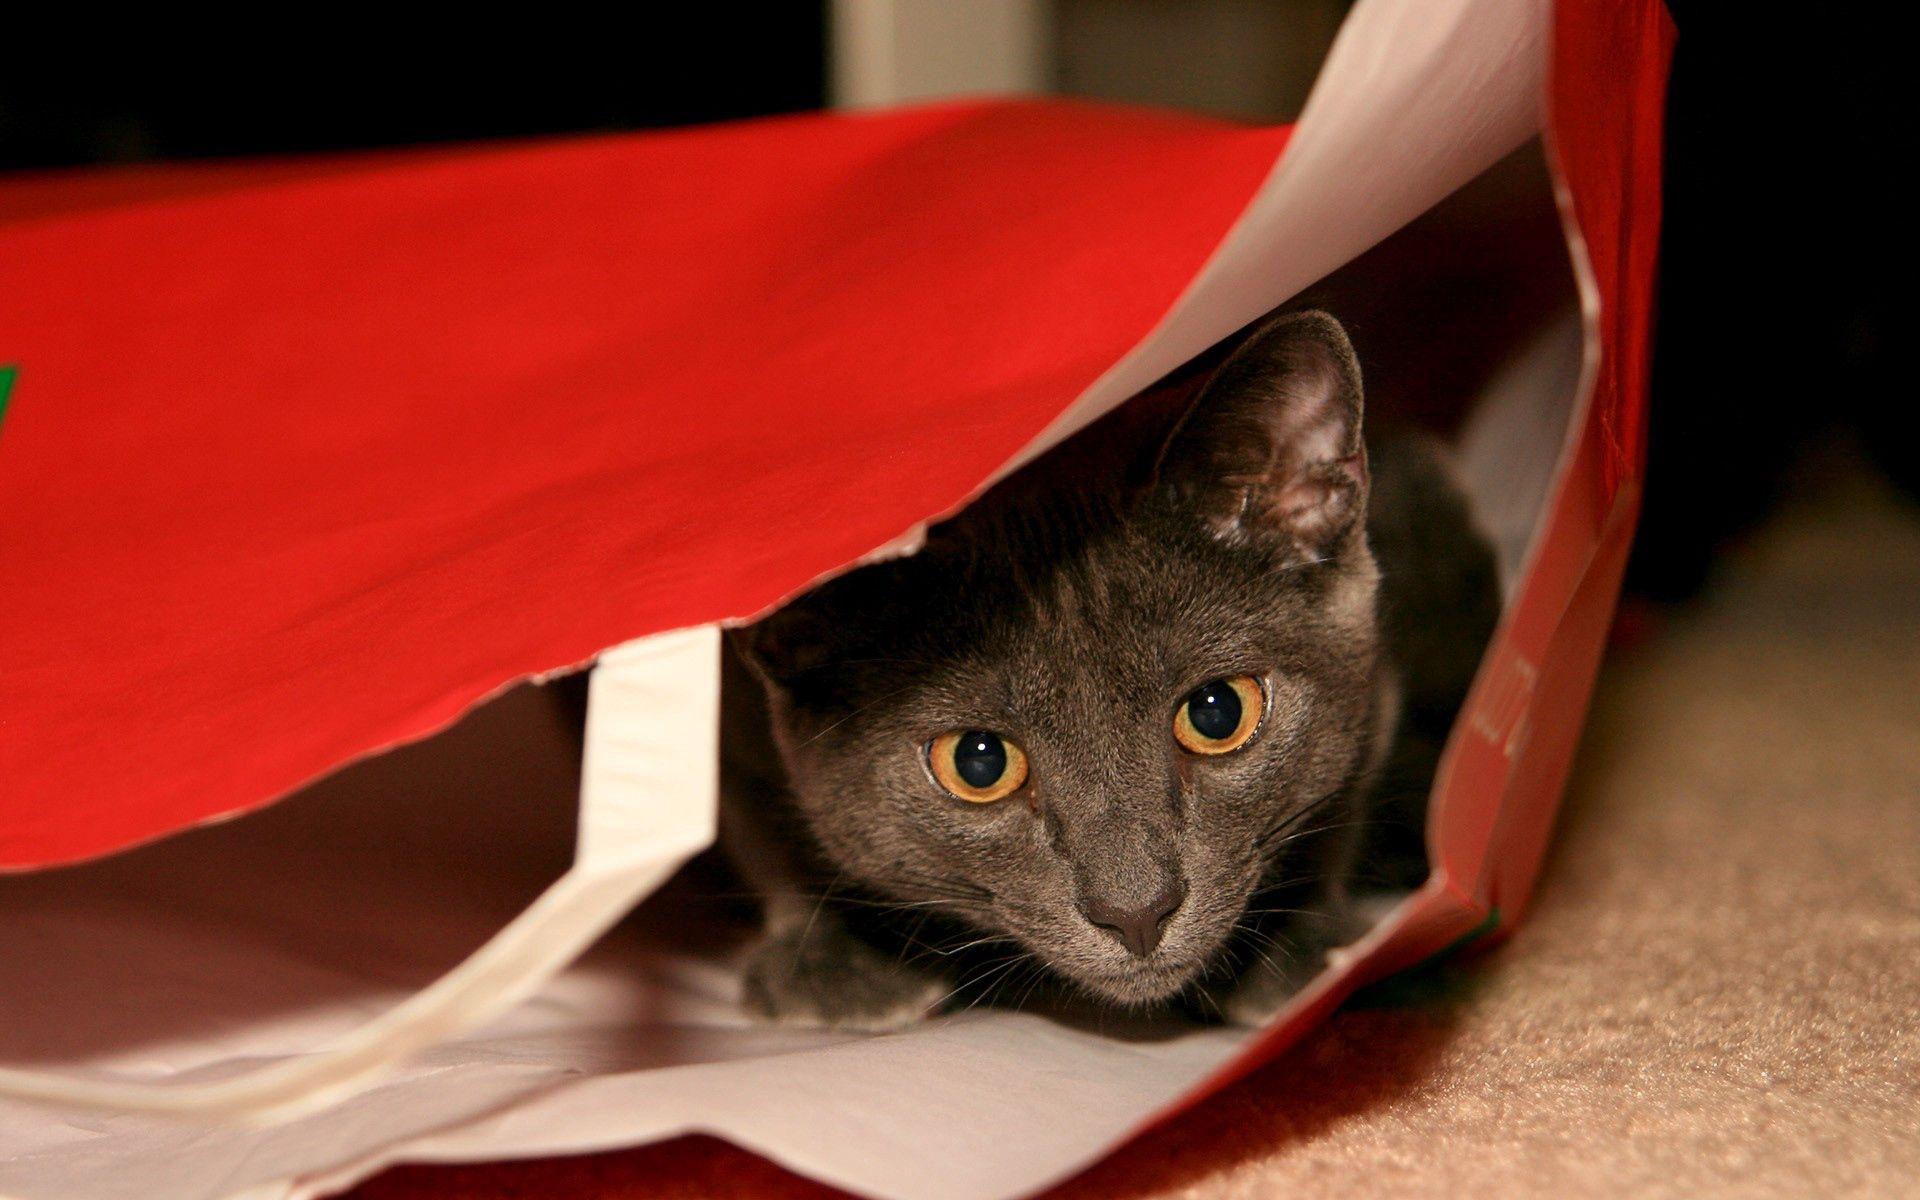 105749 скачать обои Животные, Кот, Серый, Пакет, Прятки, Морда, Взгляд - заставки и картинки бесплатно